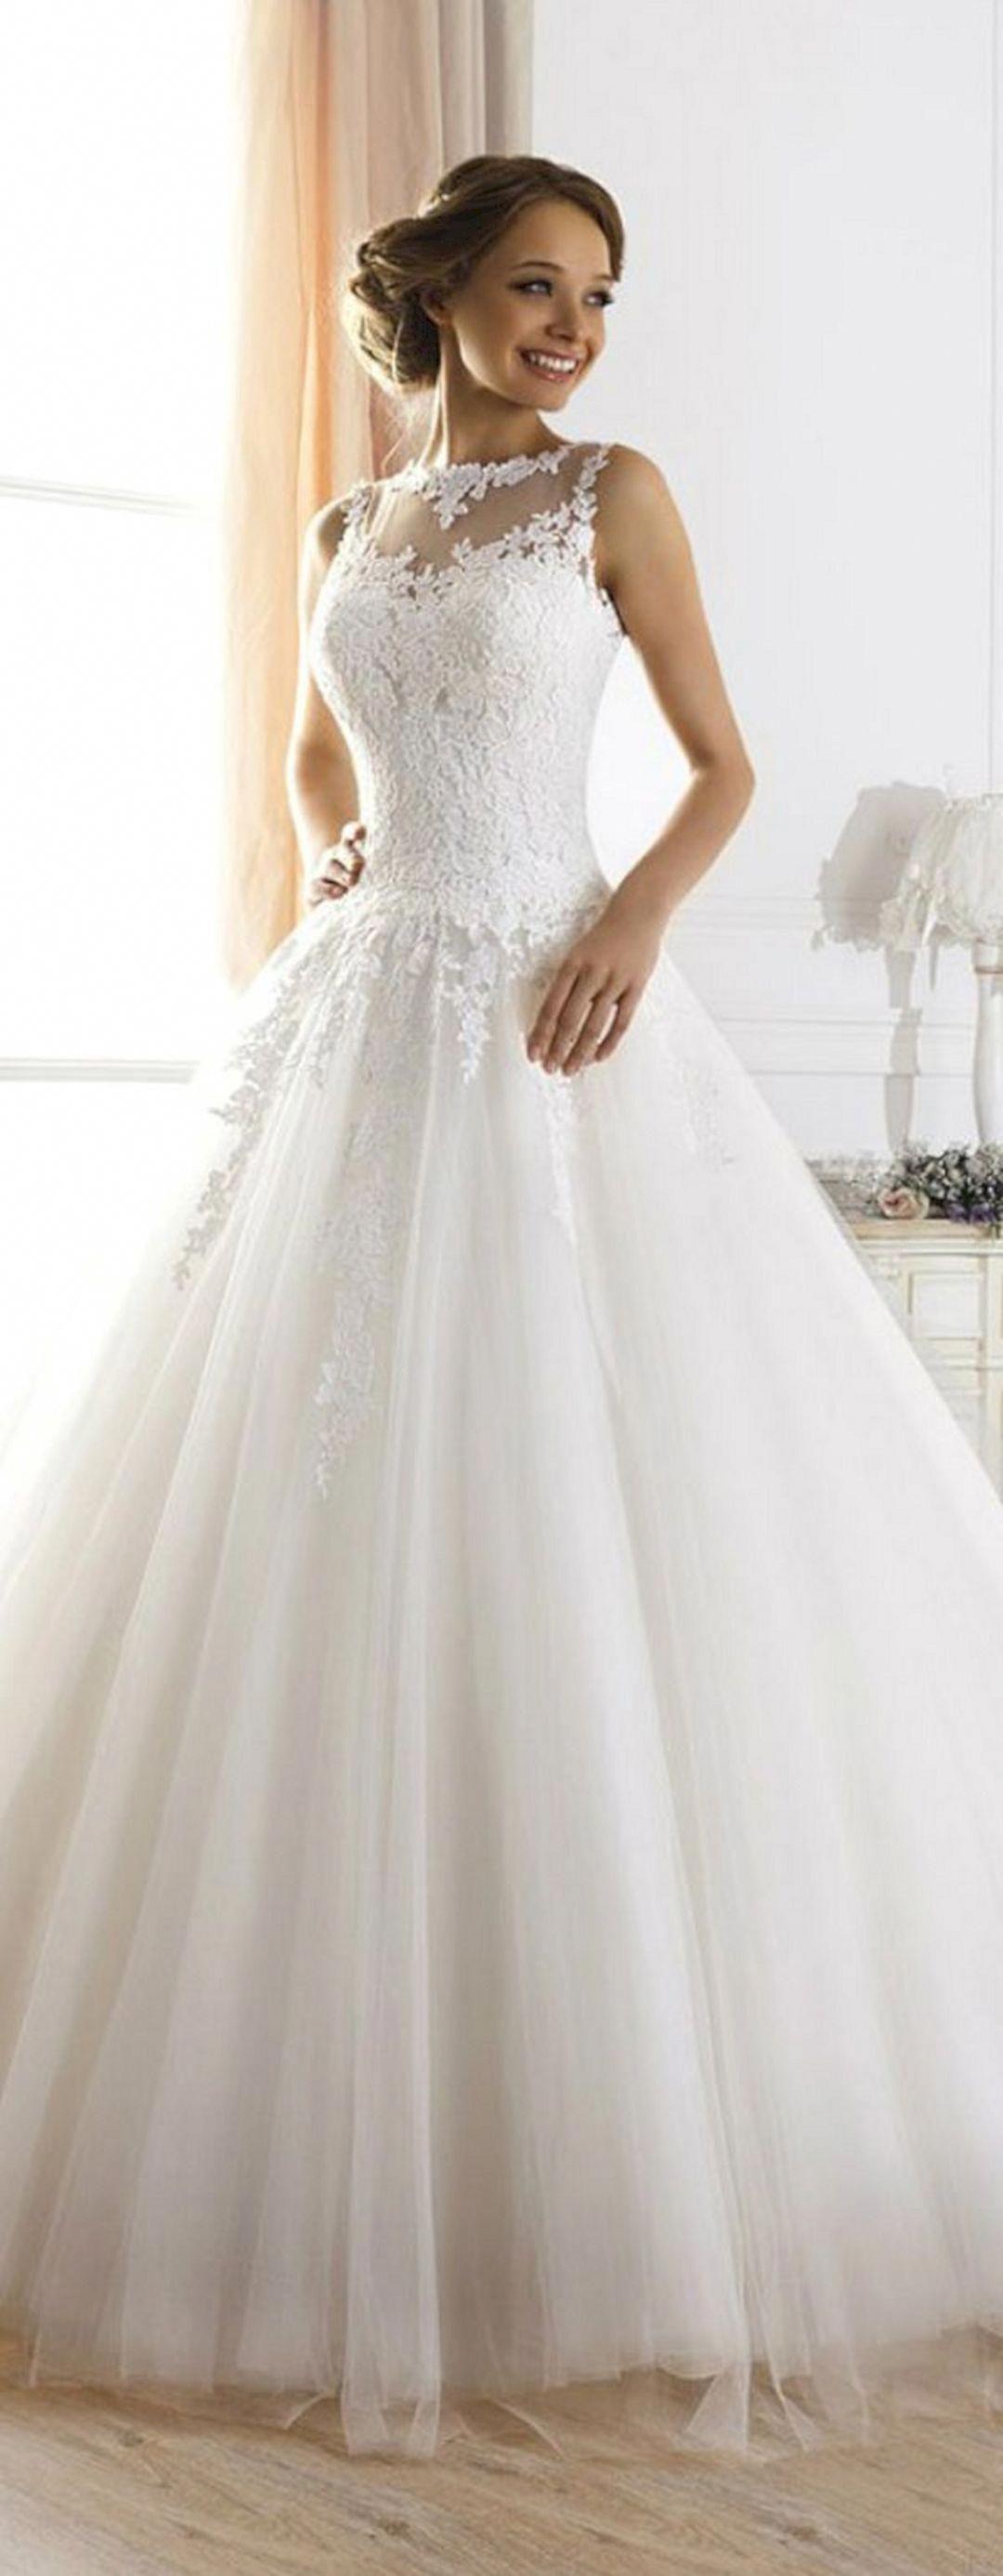 Long Sleeve Ball Gown Wedding Dress 15 Laceweddingdress Ball Gown Wedding Dress Ball Gowns Wedding Long Sleeve Ball Gown Wedding Dress [ 2775 x 1080 Pixel ]